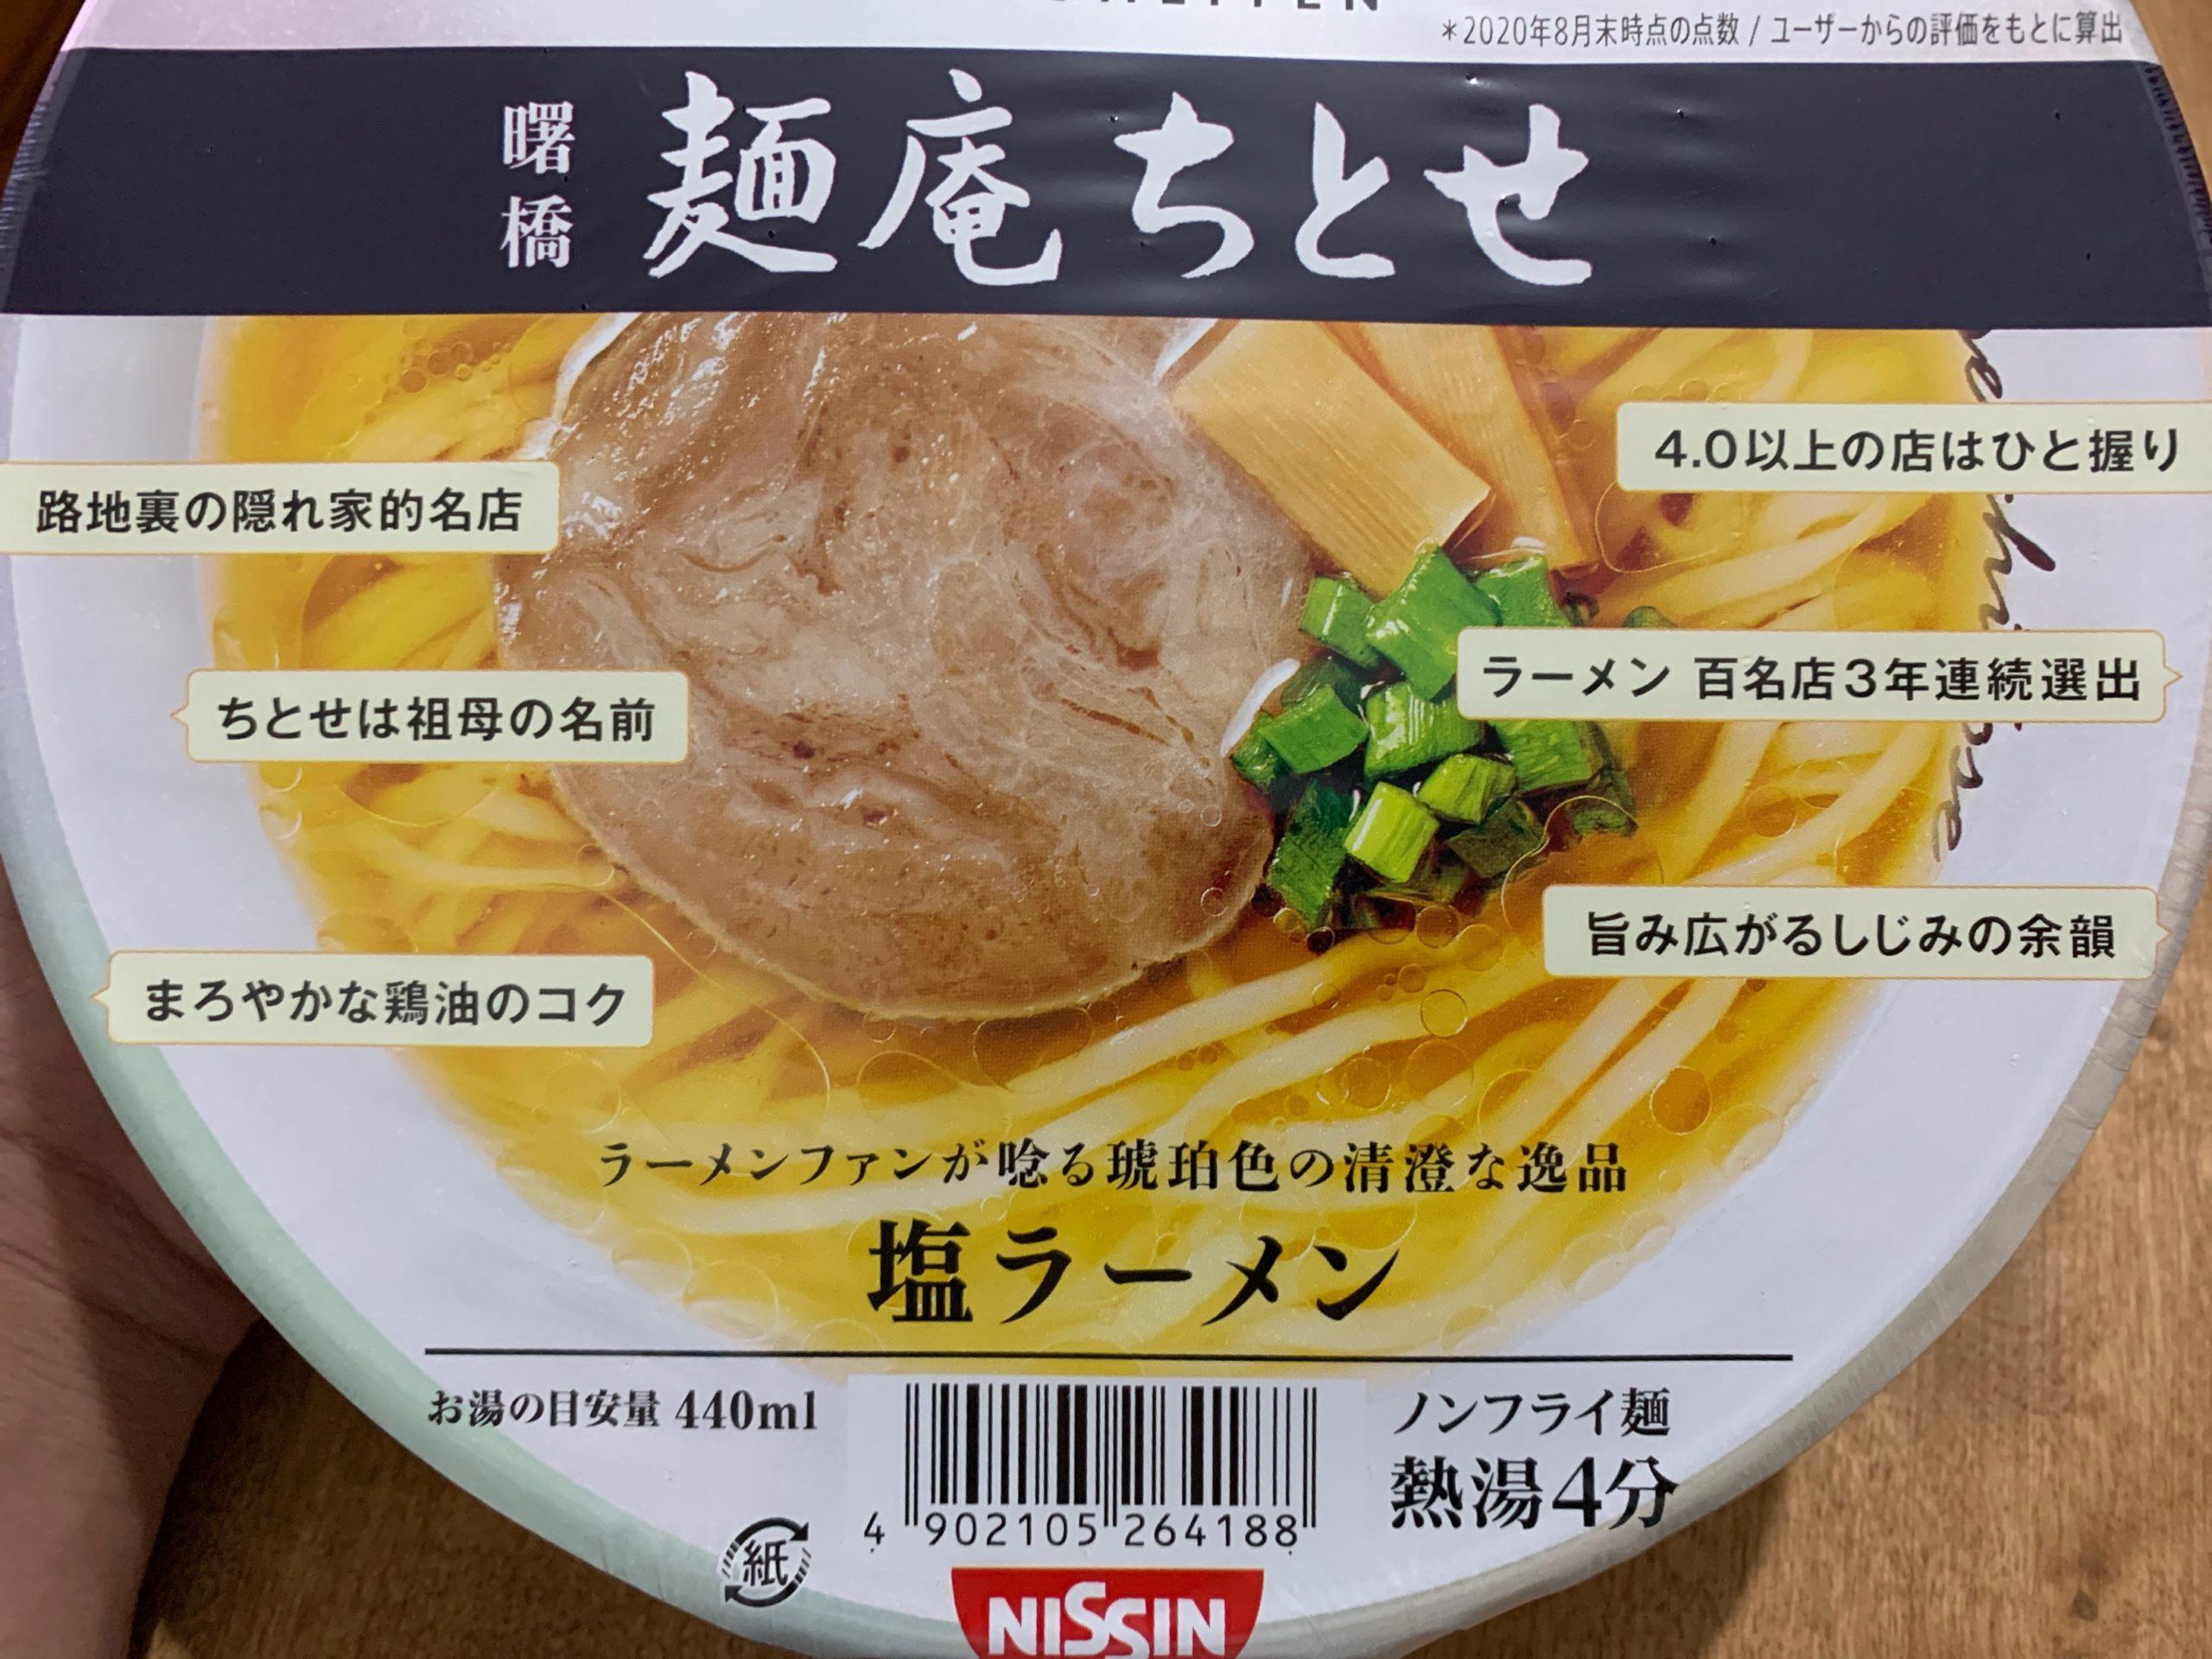 曙橋麺庵ちとせカップ麺の説明